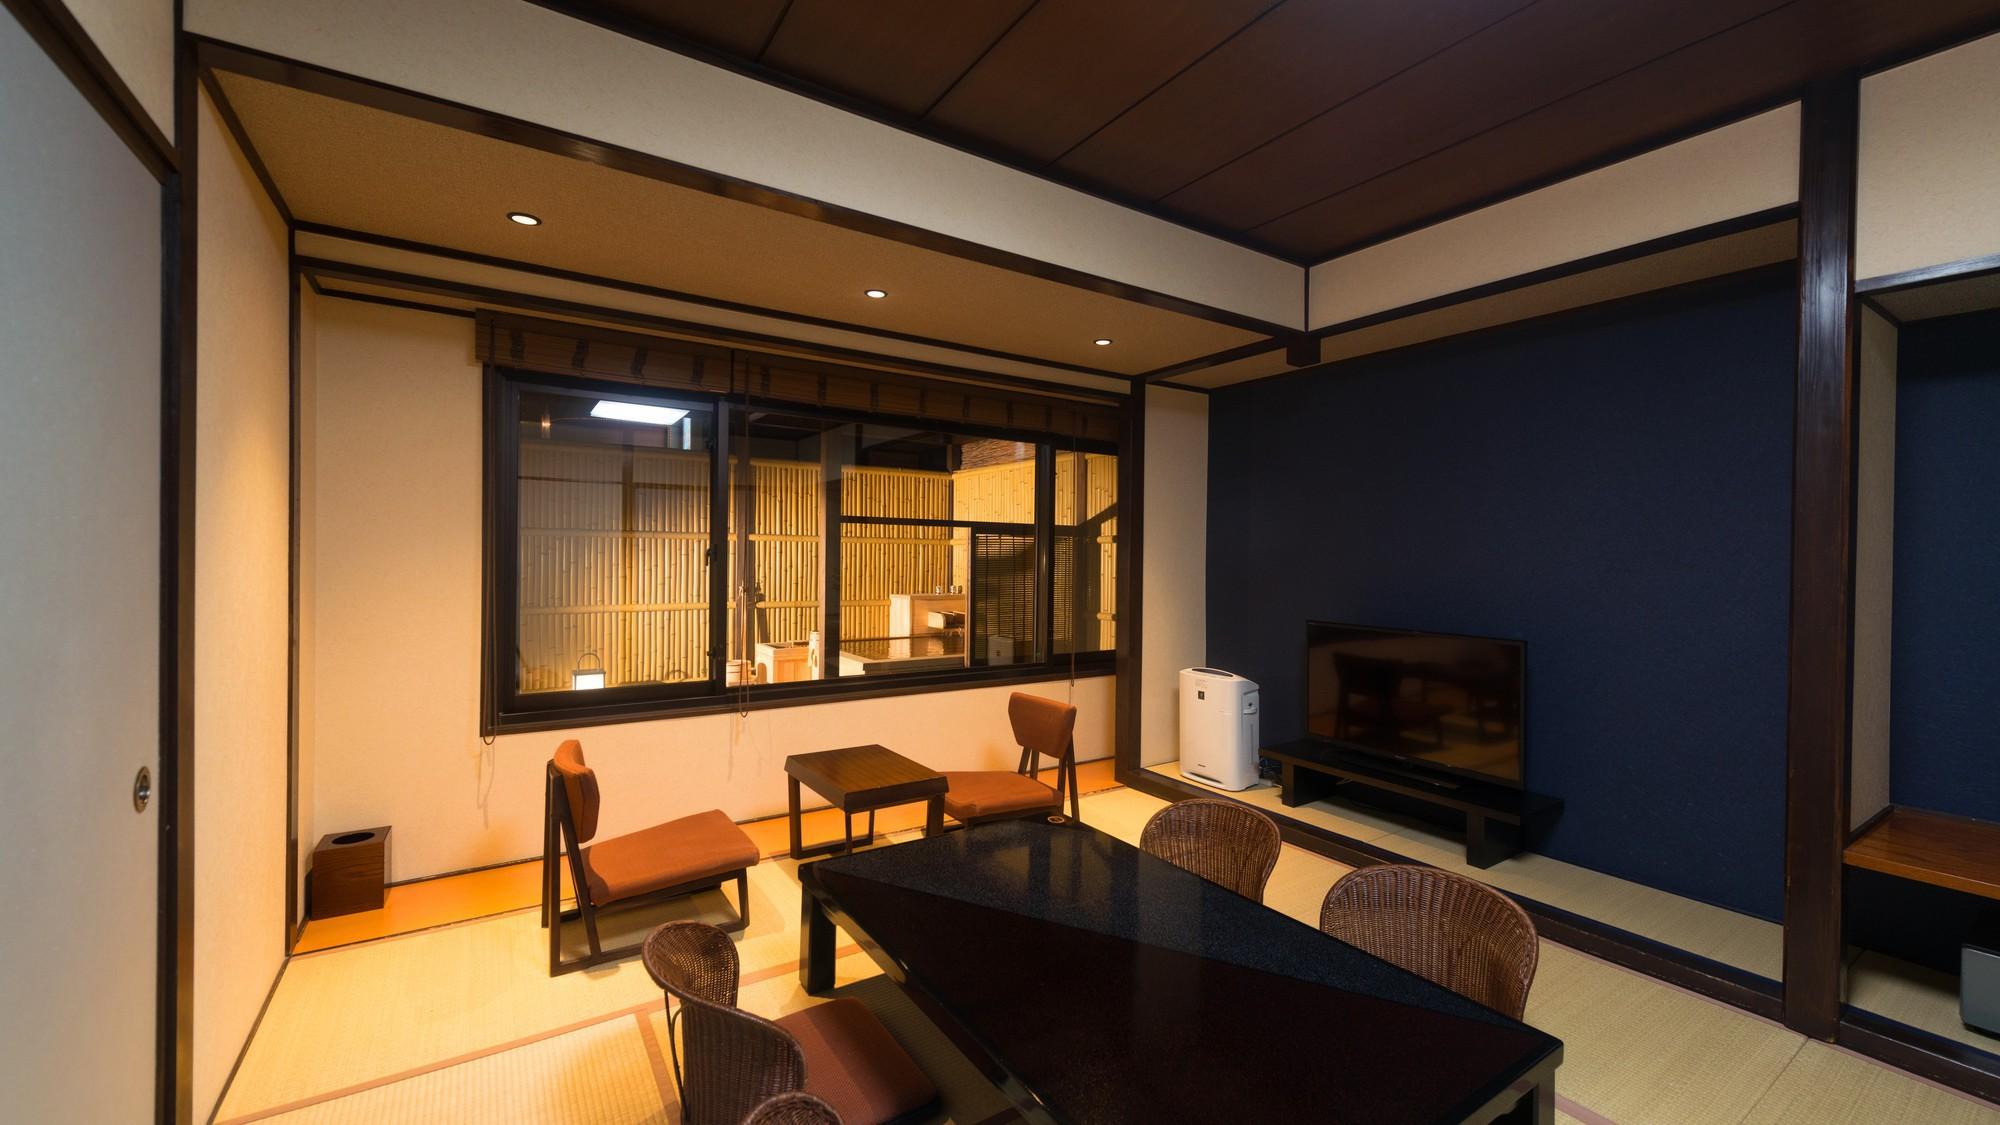 【半露天風呂付客室・和室10畳】客室部分は10畳の和室